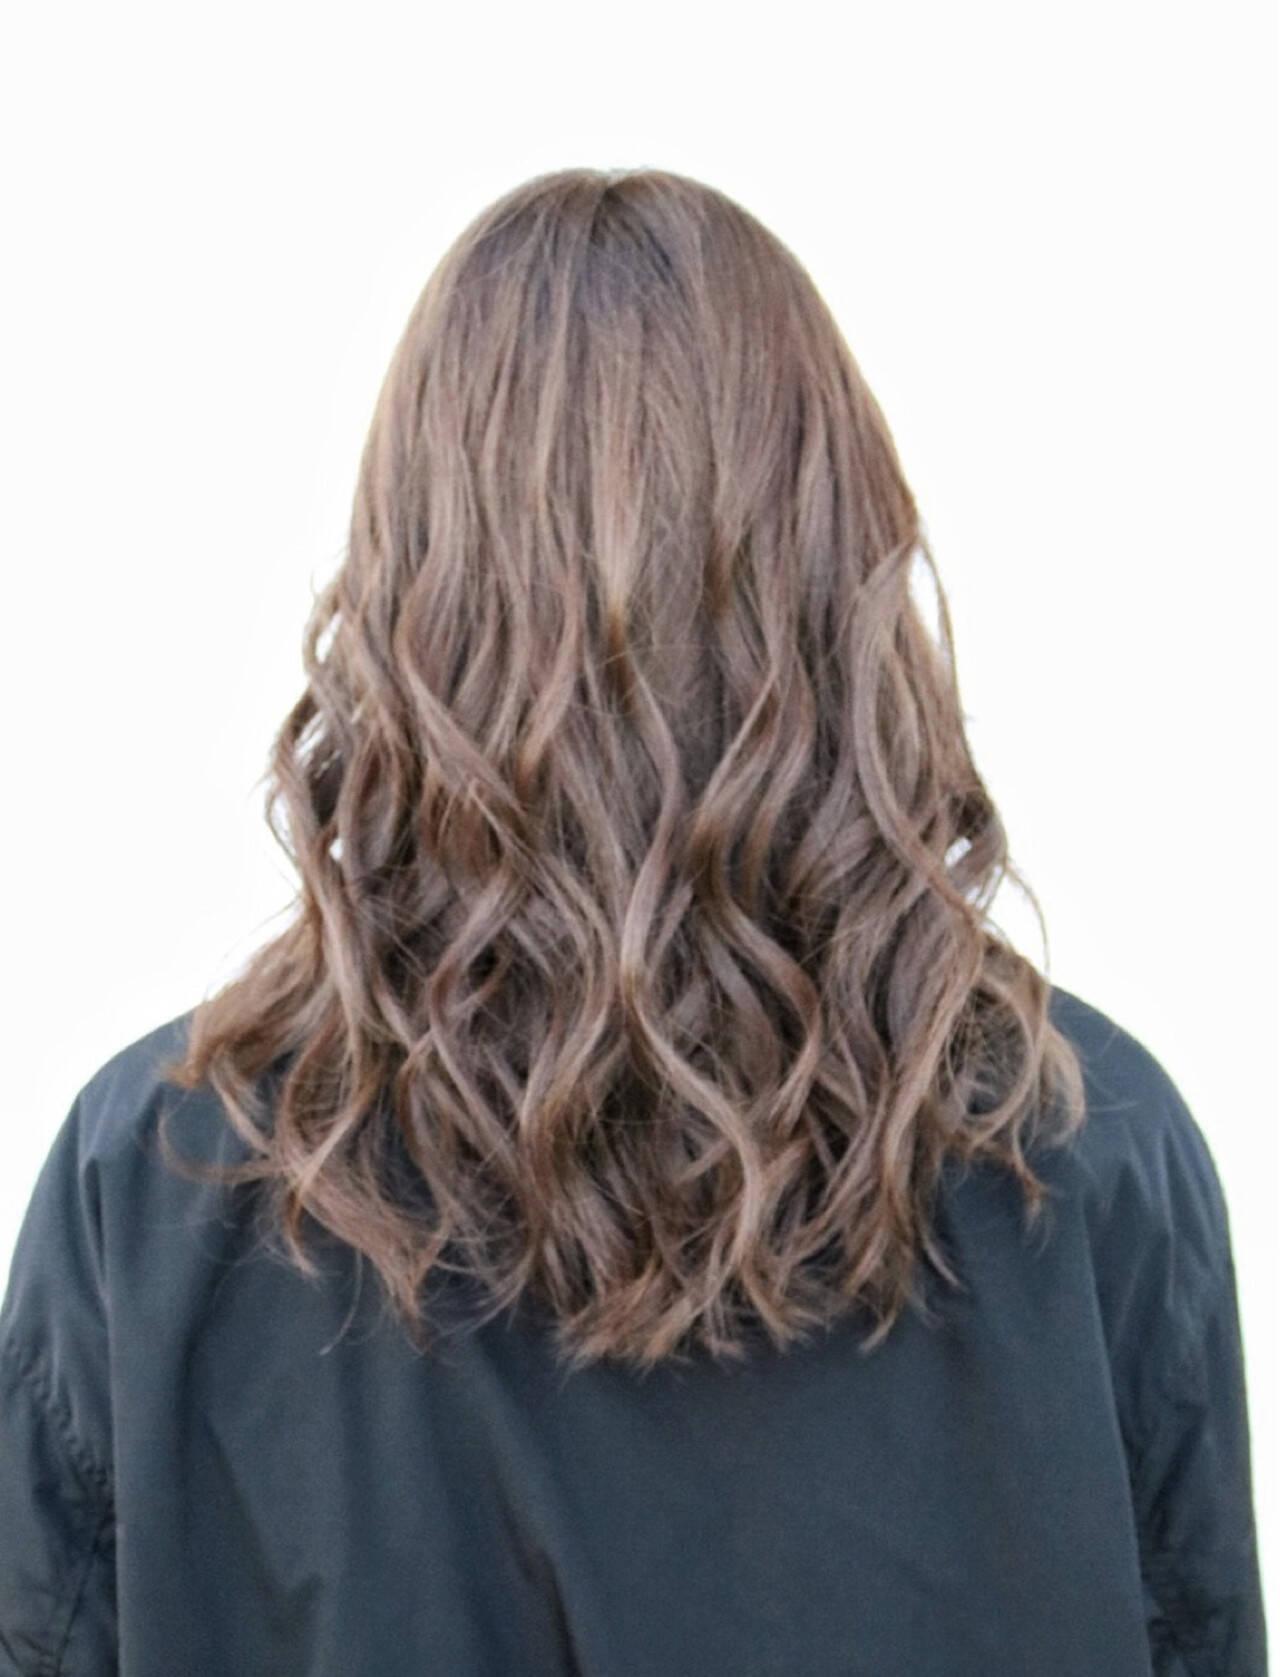 ミルクティー 透明感 ナチュラル ハイトーンヘアスタイルや髪型の写真・画像